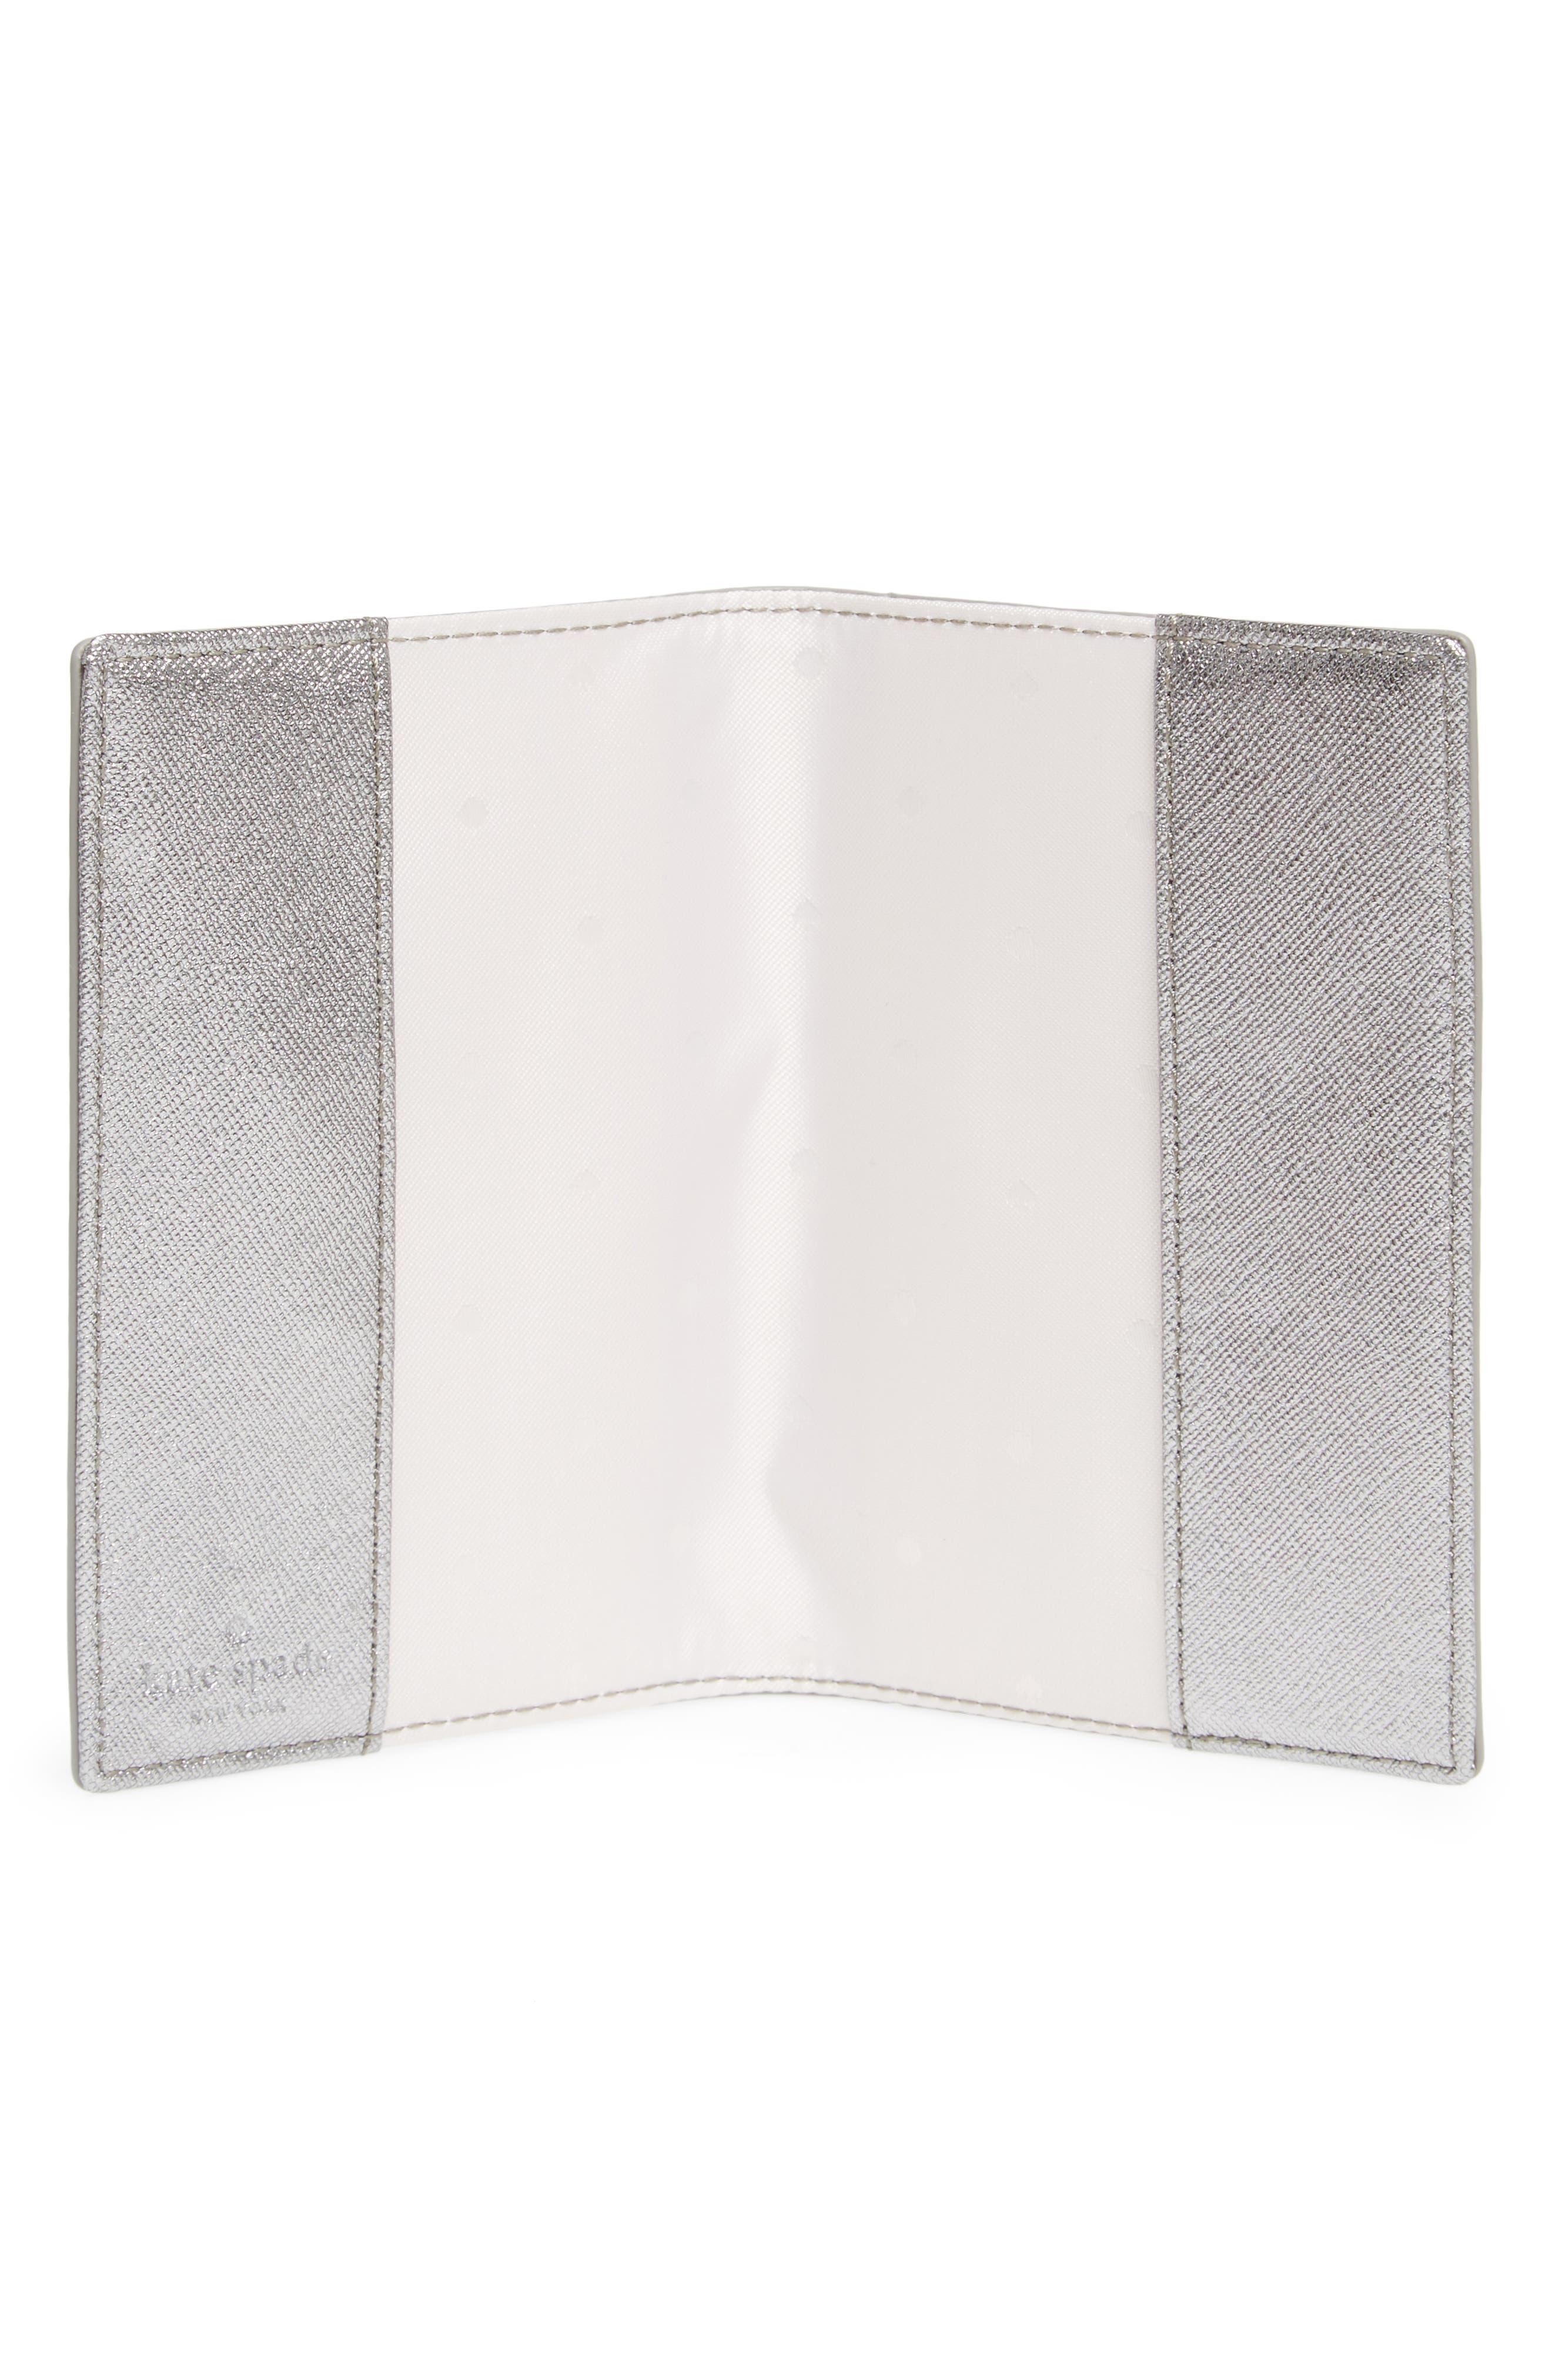 starbright owl leather passport case,                             Alternate thumbnail 2, color,                             Multi